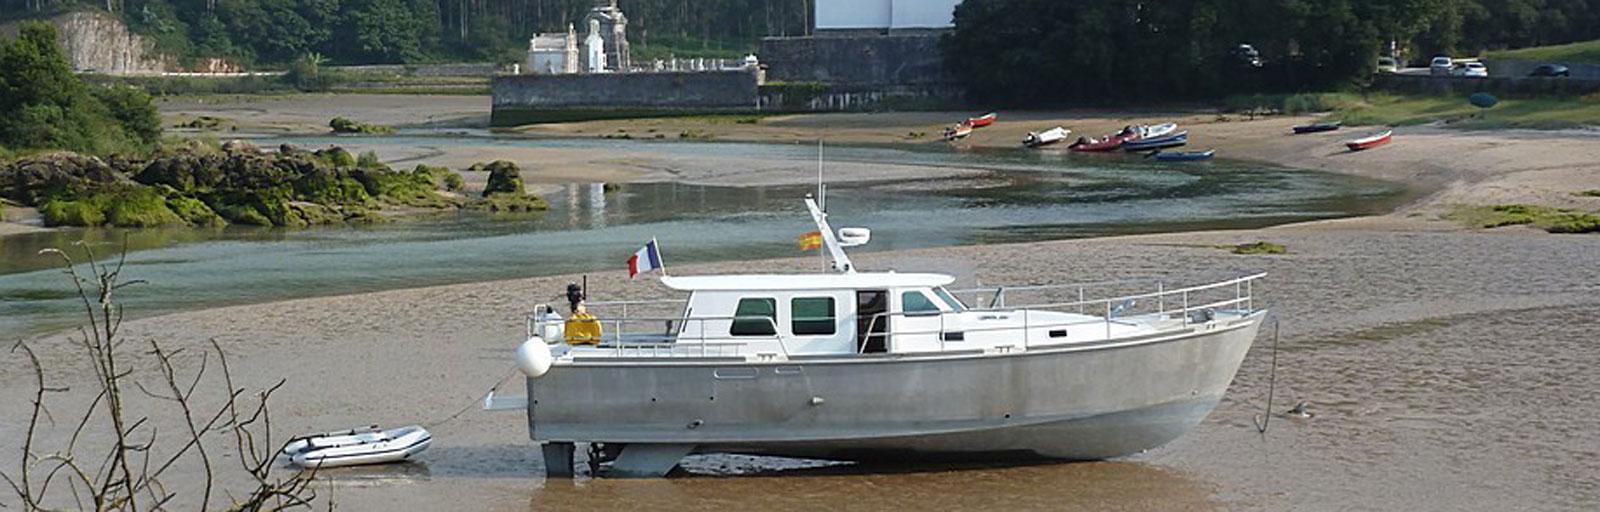 AYC Yachtbroker - Trawler Meta King Atlantique